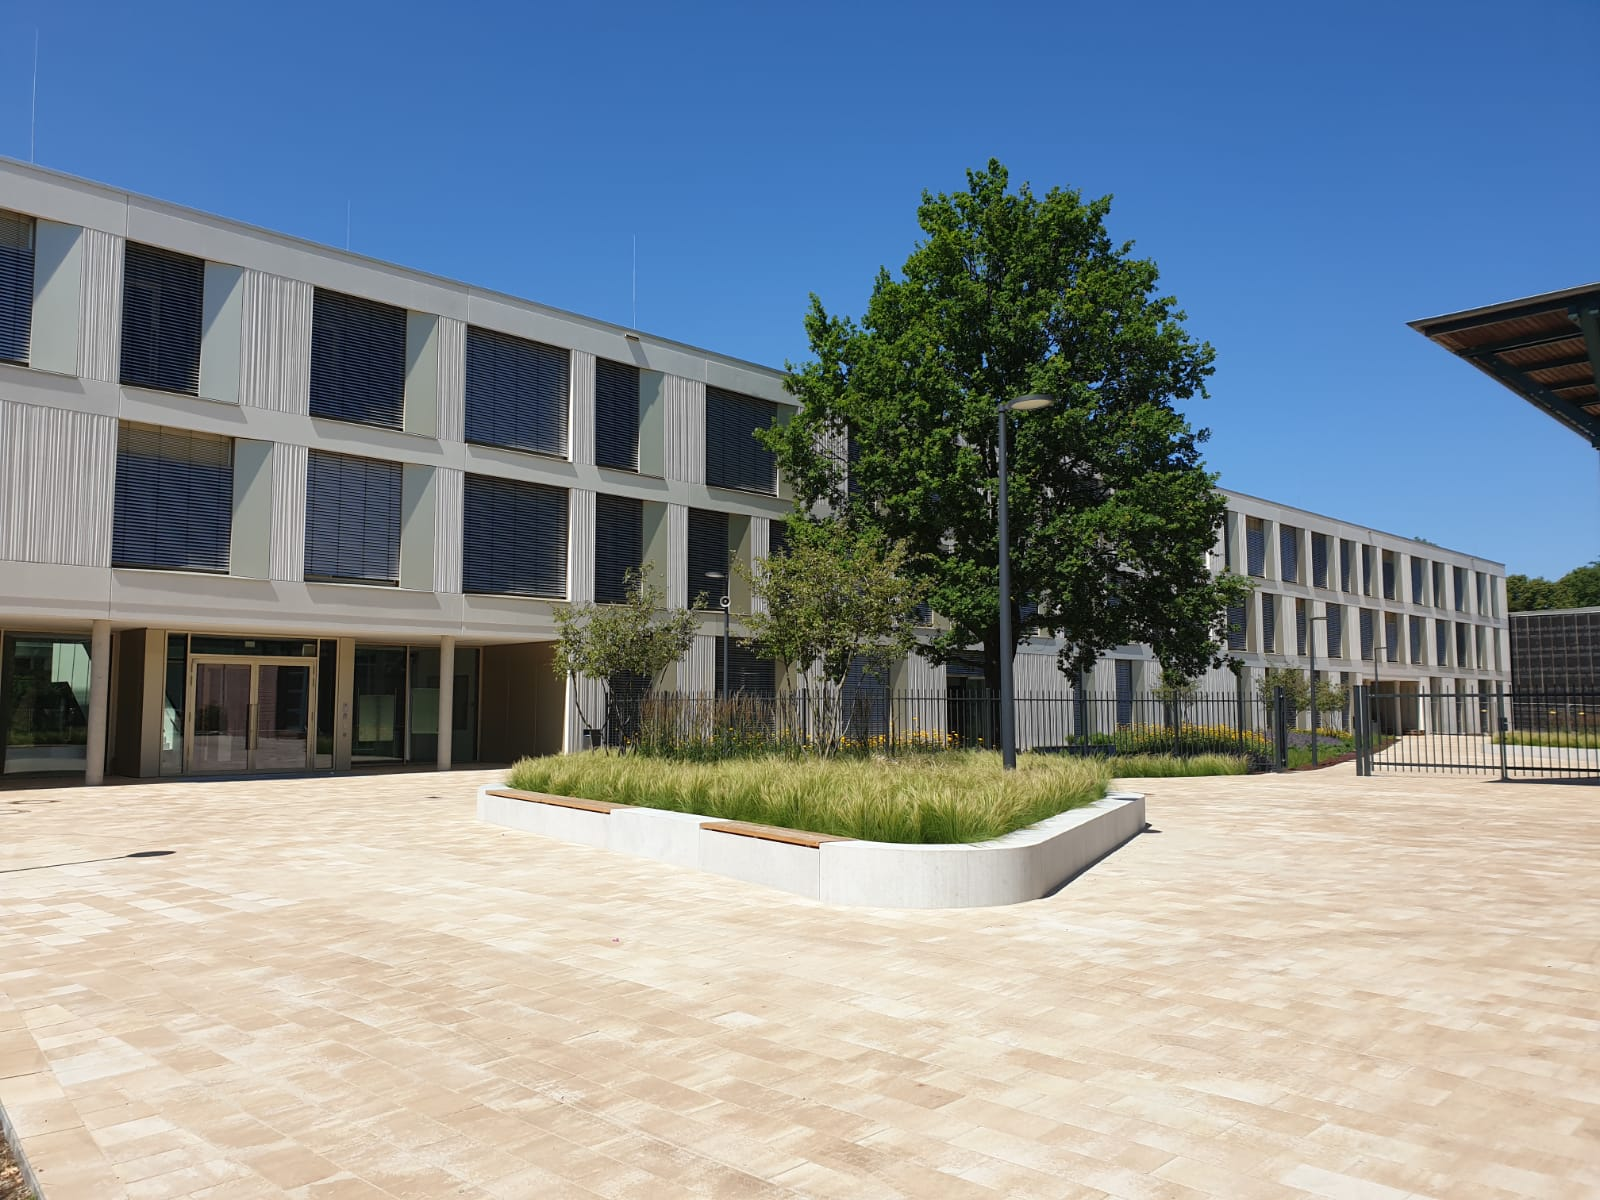 Förderzentrum auf der Bult, Hannover